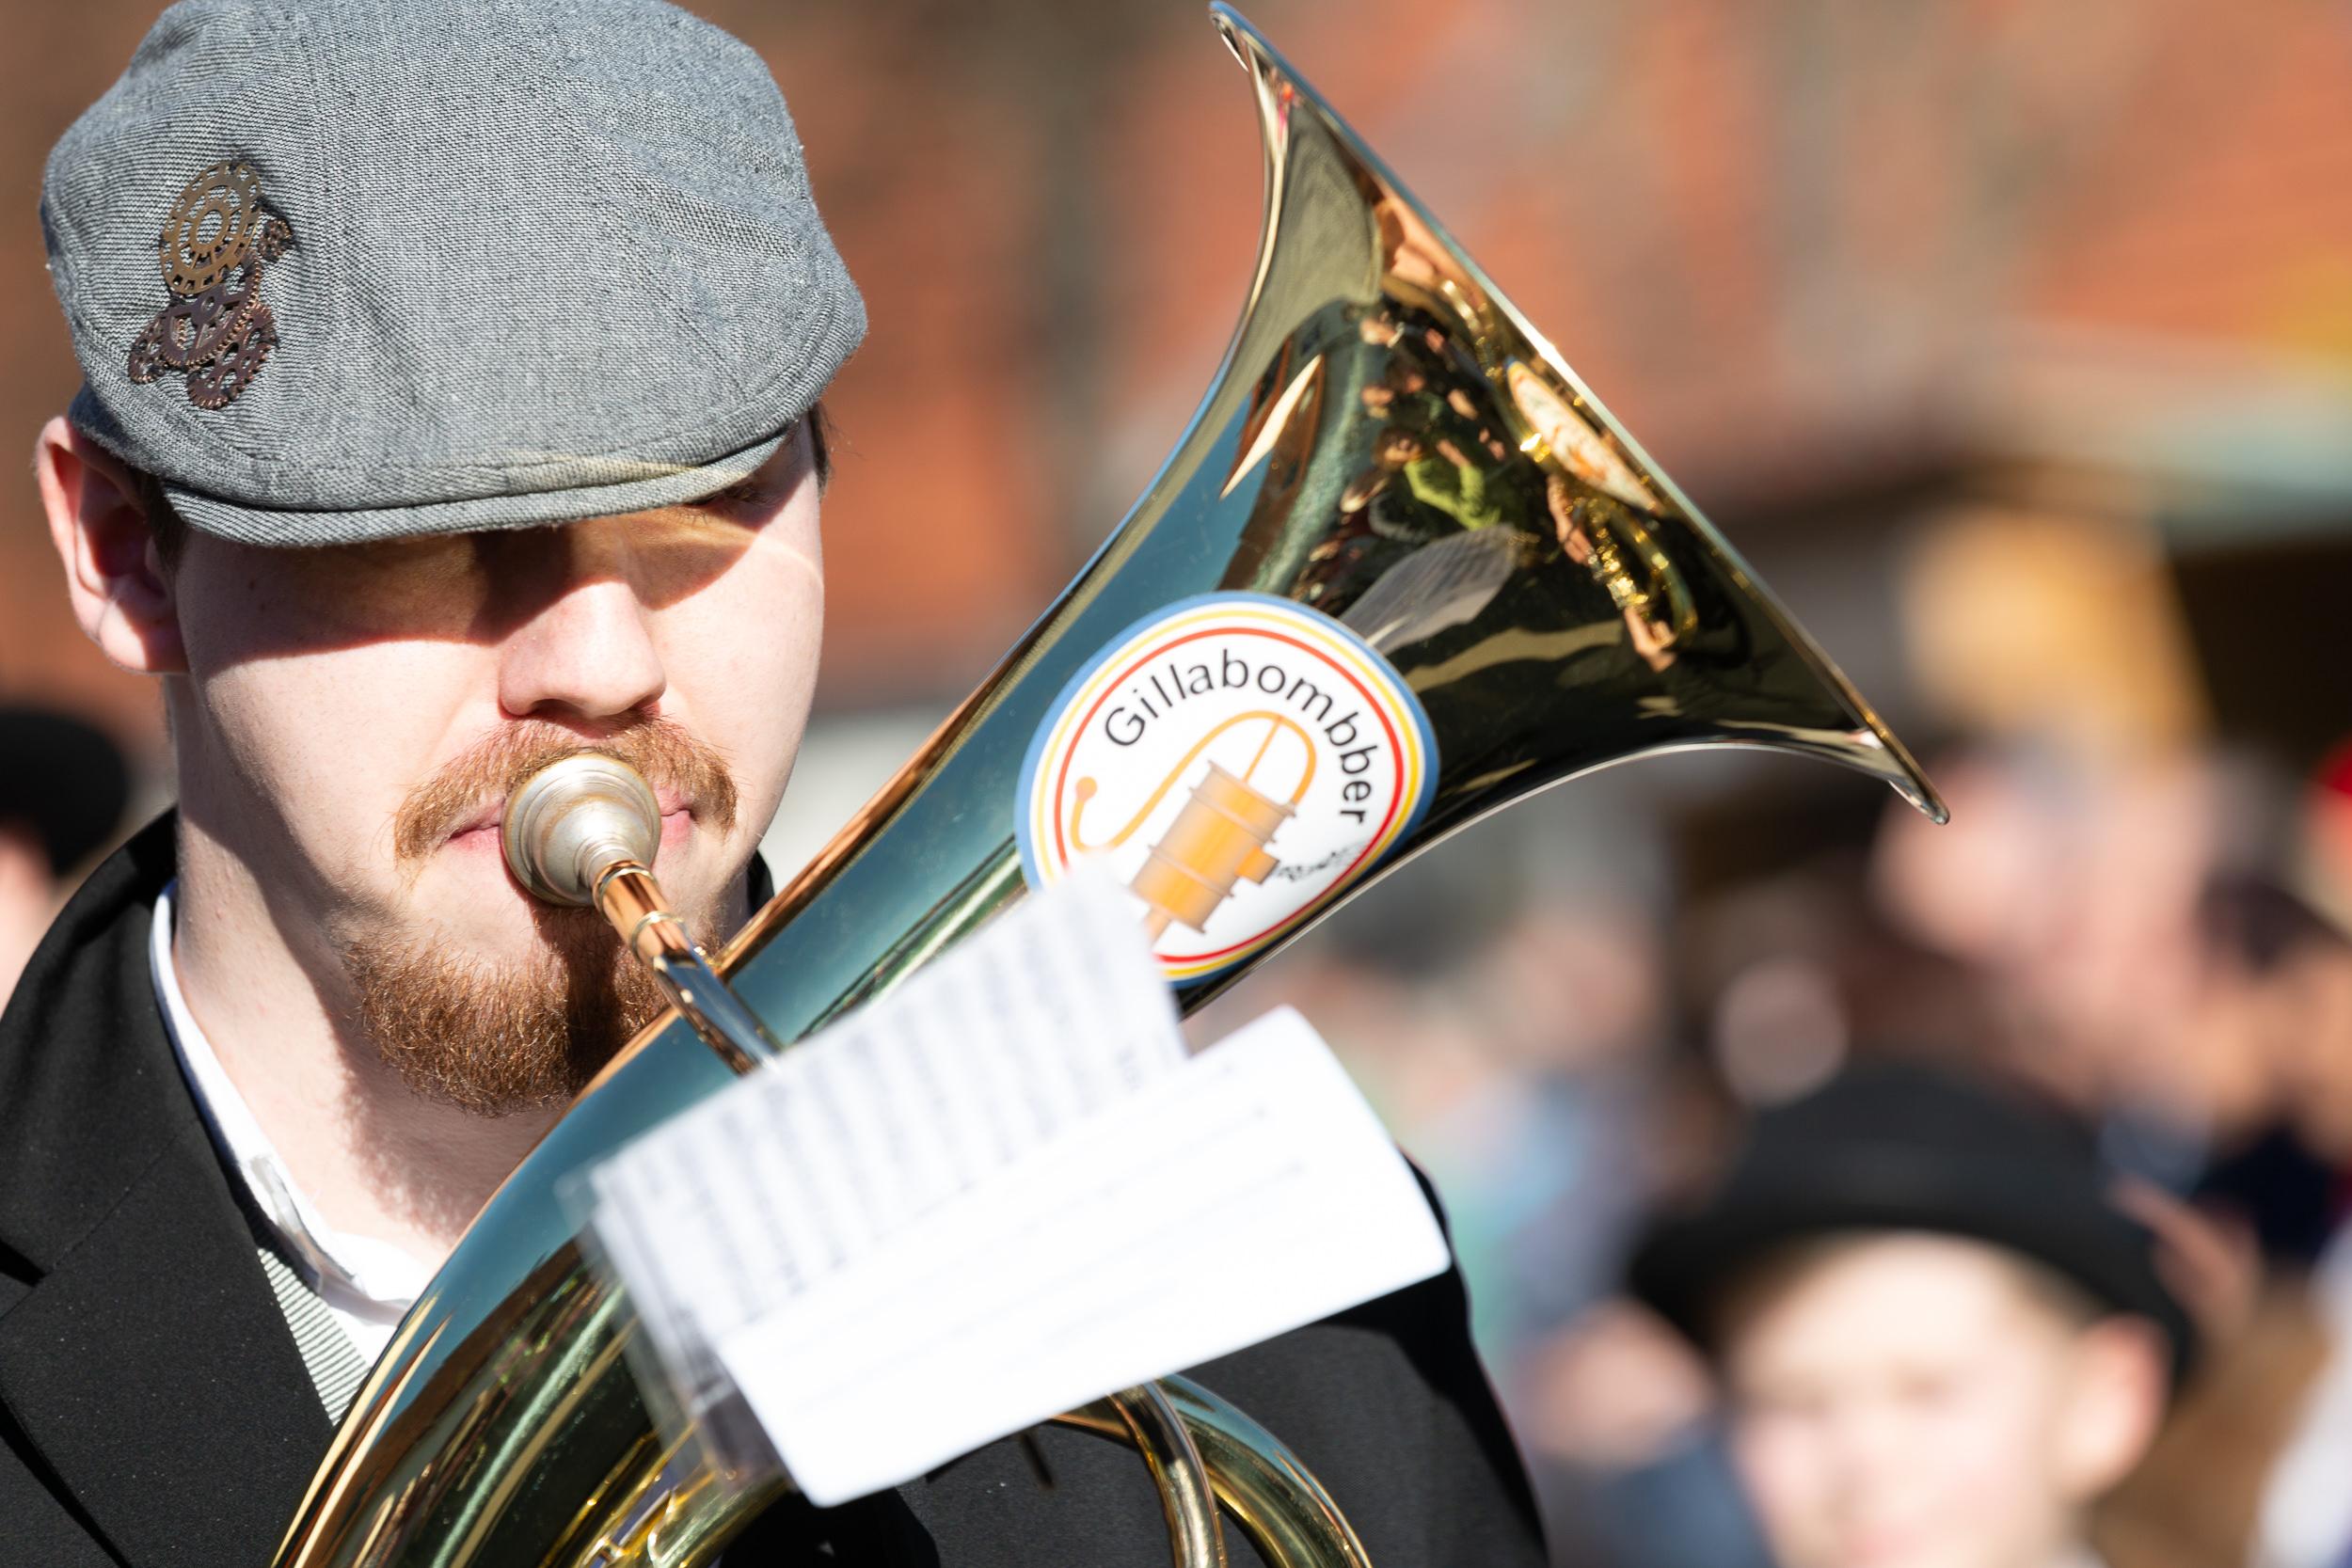 Trompeter während dem Fasnetsspiel in Burladingen.